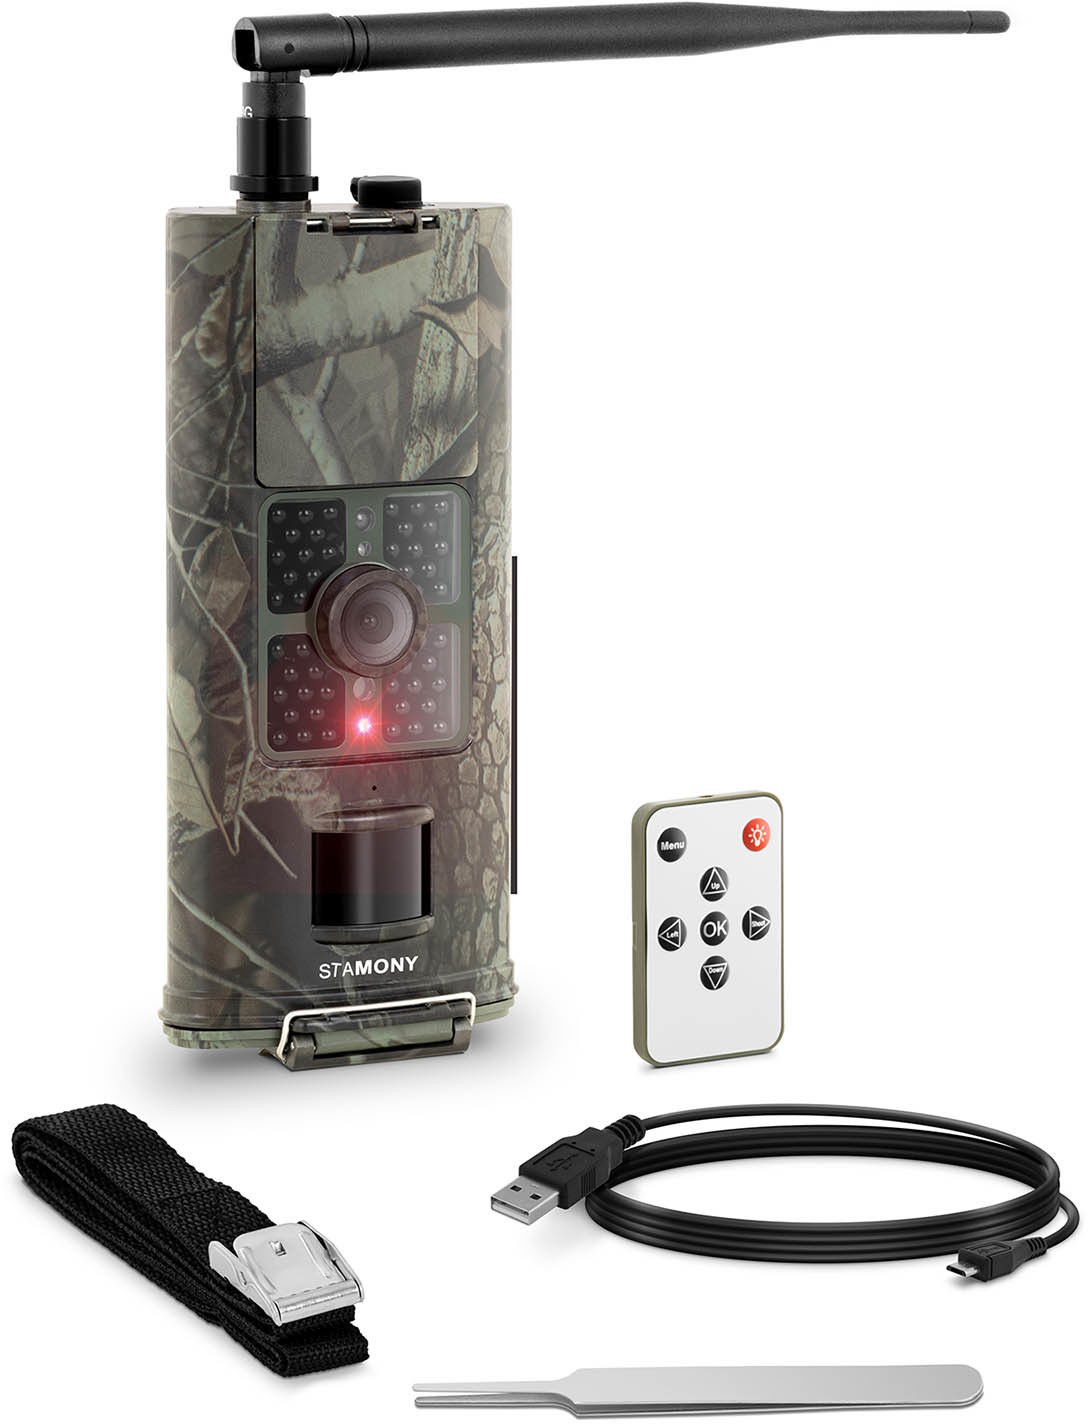 Fotopułapka - 8 MP - Full HD - 48 IR LED - 20 m - 0,5 s - 3G - StaMony - ST-HC-5000GT - 3 lata gwarancji/wysyłka w 24h